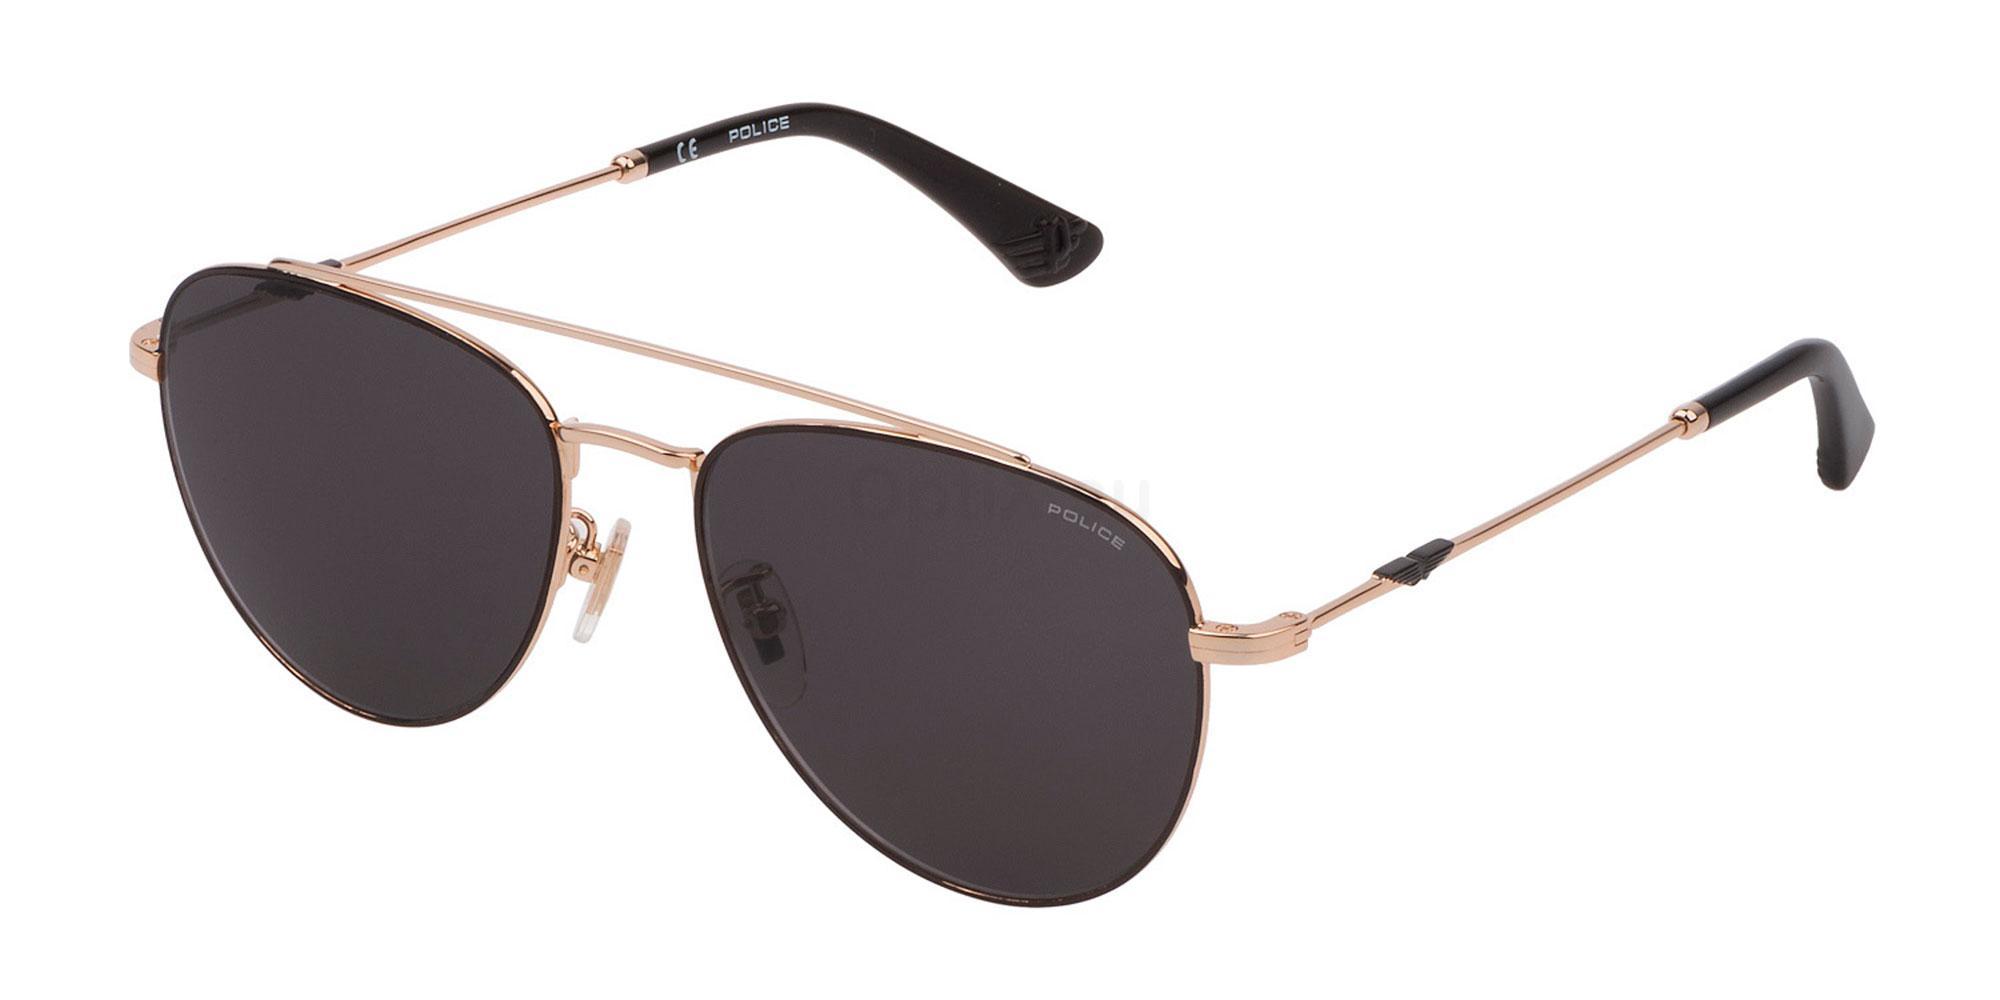 0301 SPL995 Sunglasses, Police